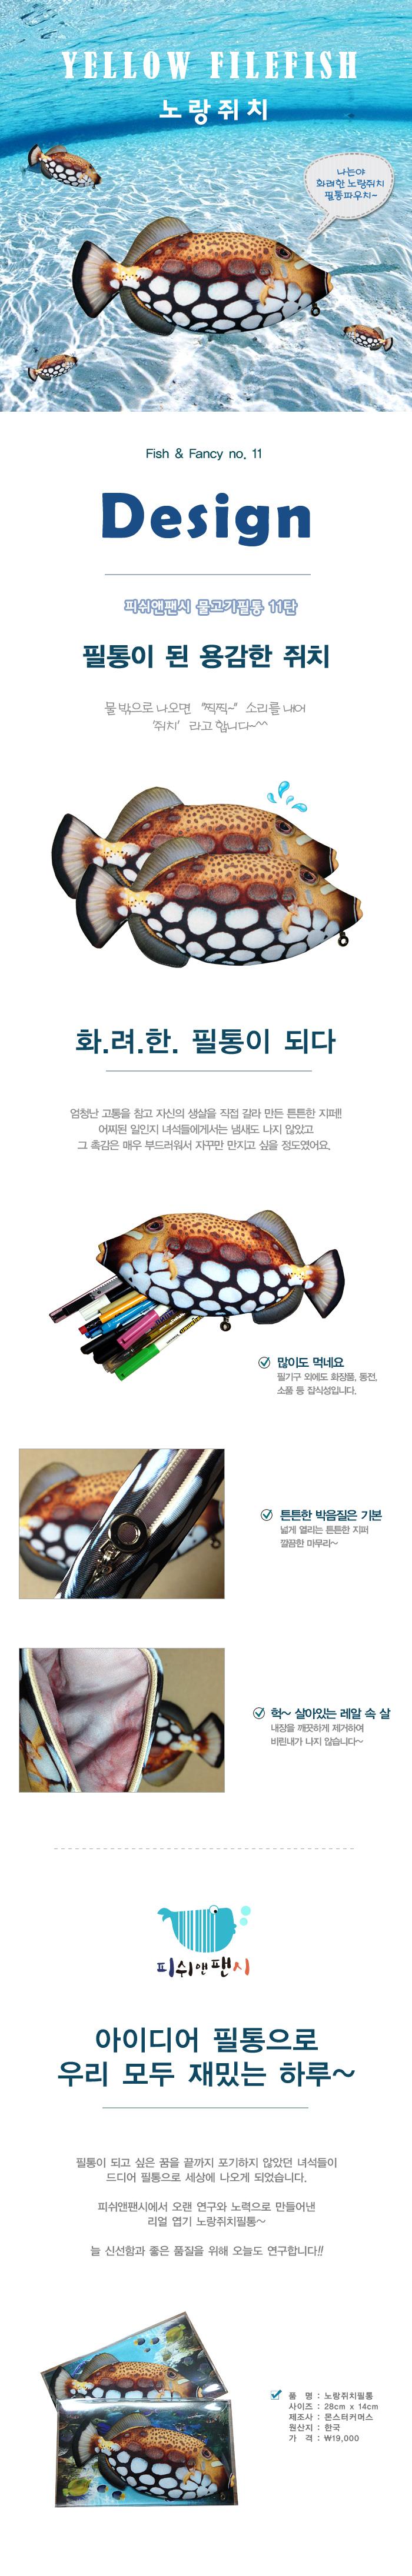 생선필통 노랑쥐치필통 - 피쉬앤팬시, 15,900원, 패브릭필통, 심플